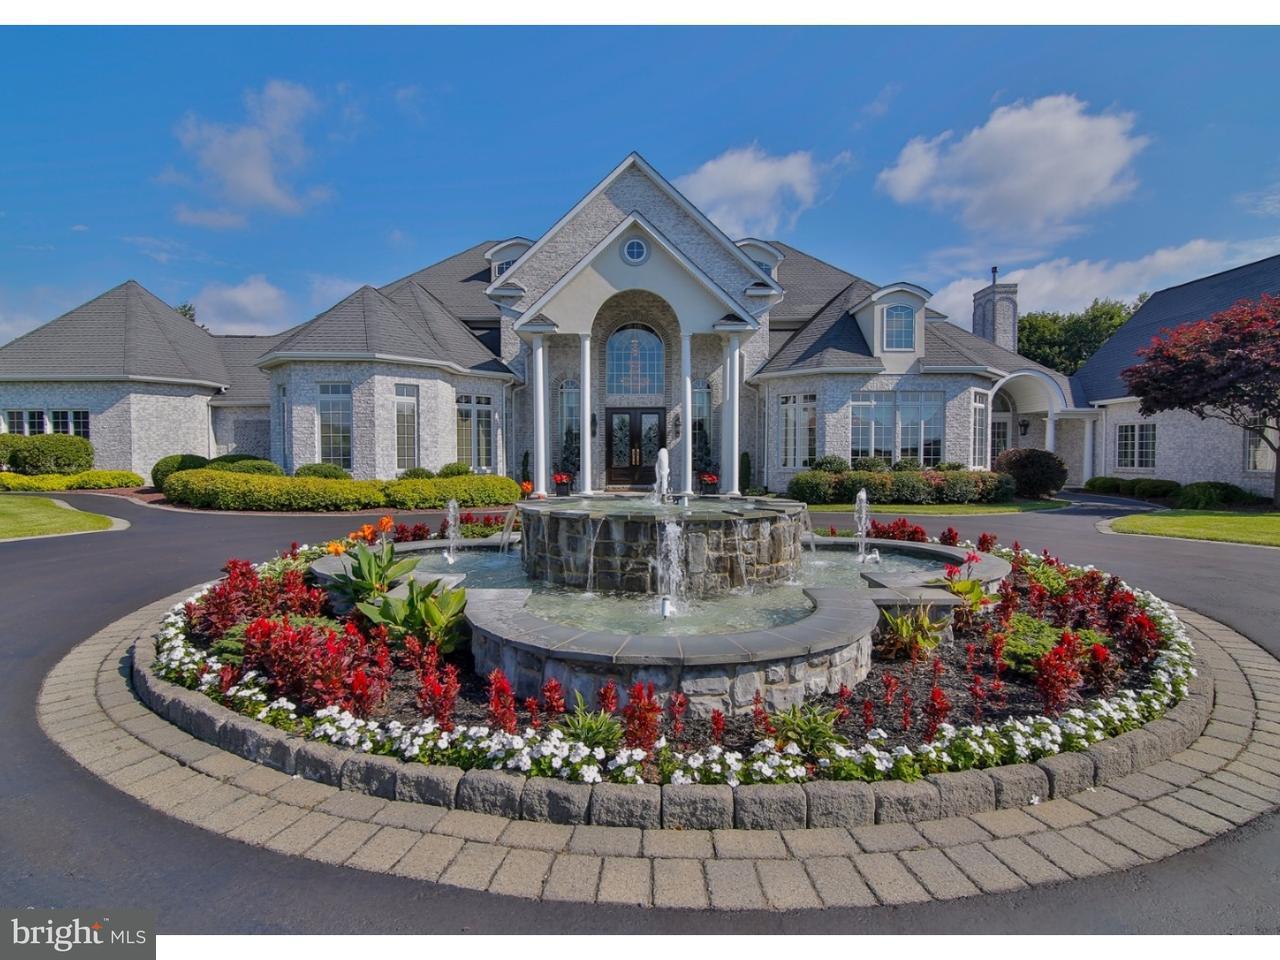 Частный односемейный дом для того Продажа на 670 STAGECOACH Drive Cherryville, Пенсильвания 18035 Соединенные Штаты